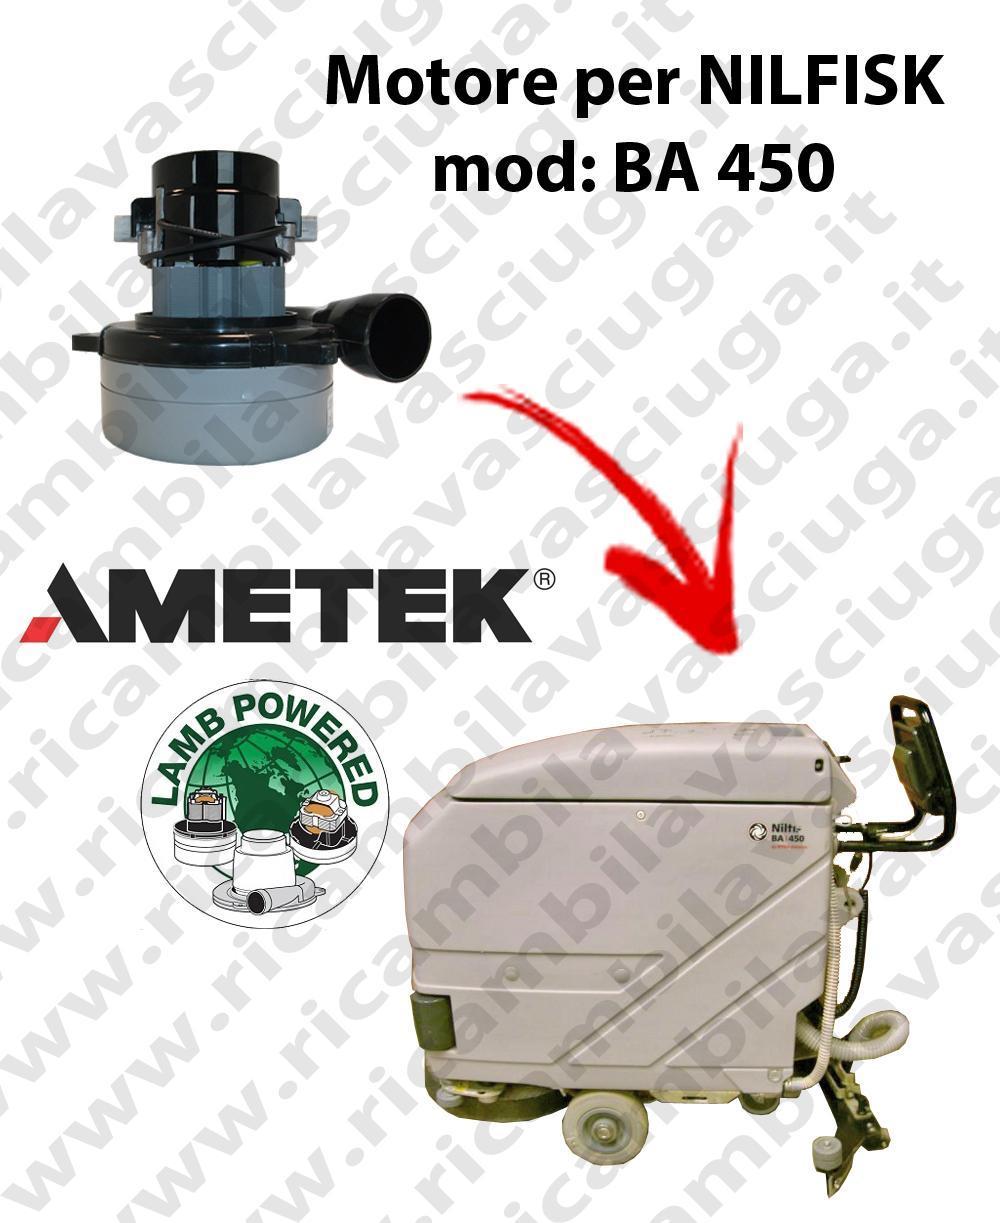 BA 450 Motore de aspiración LAMB AMETEK para fregadora NILFISK